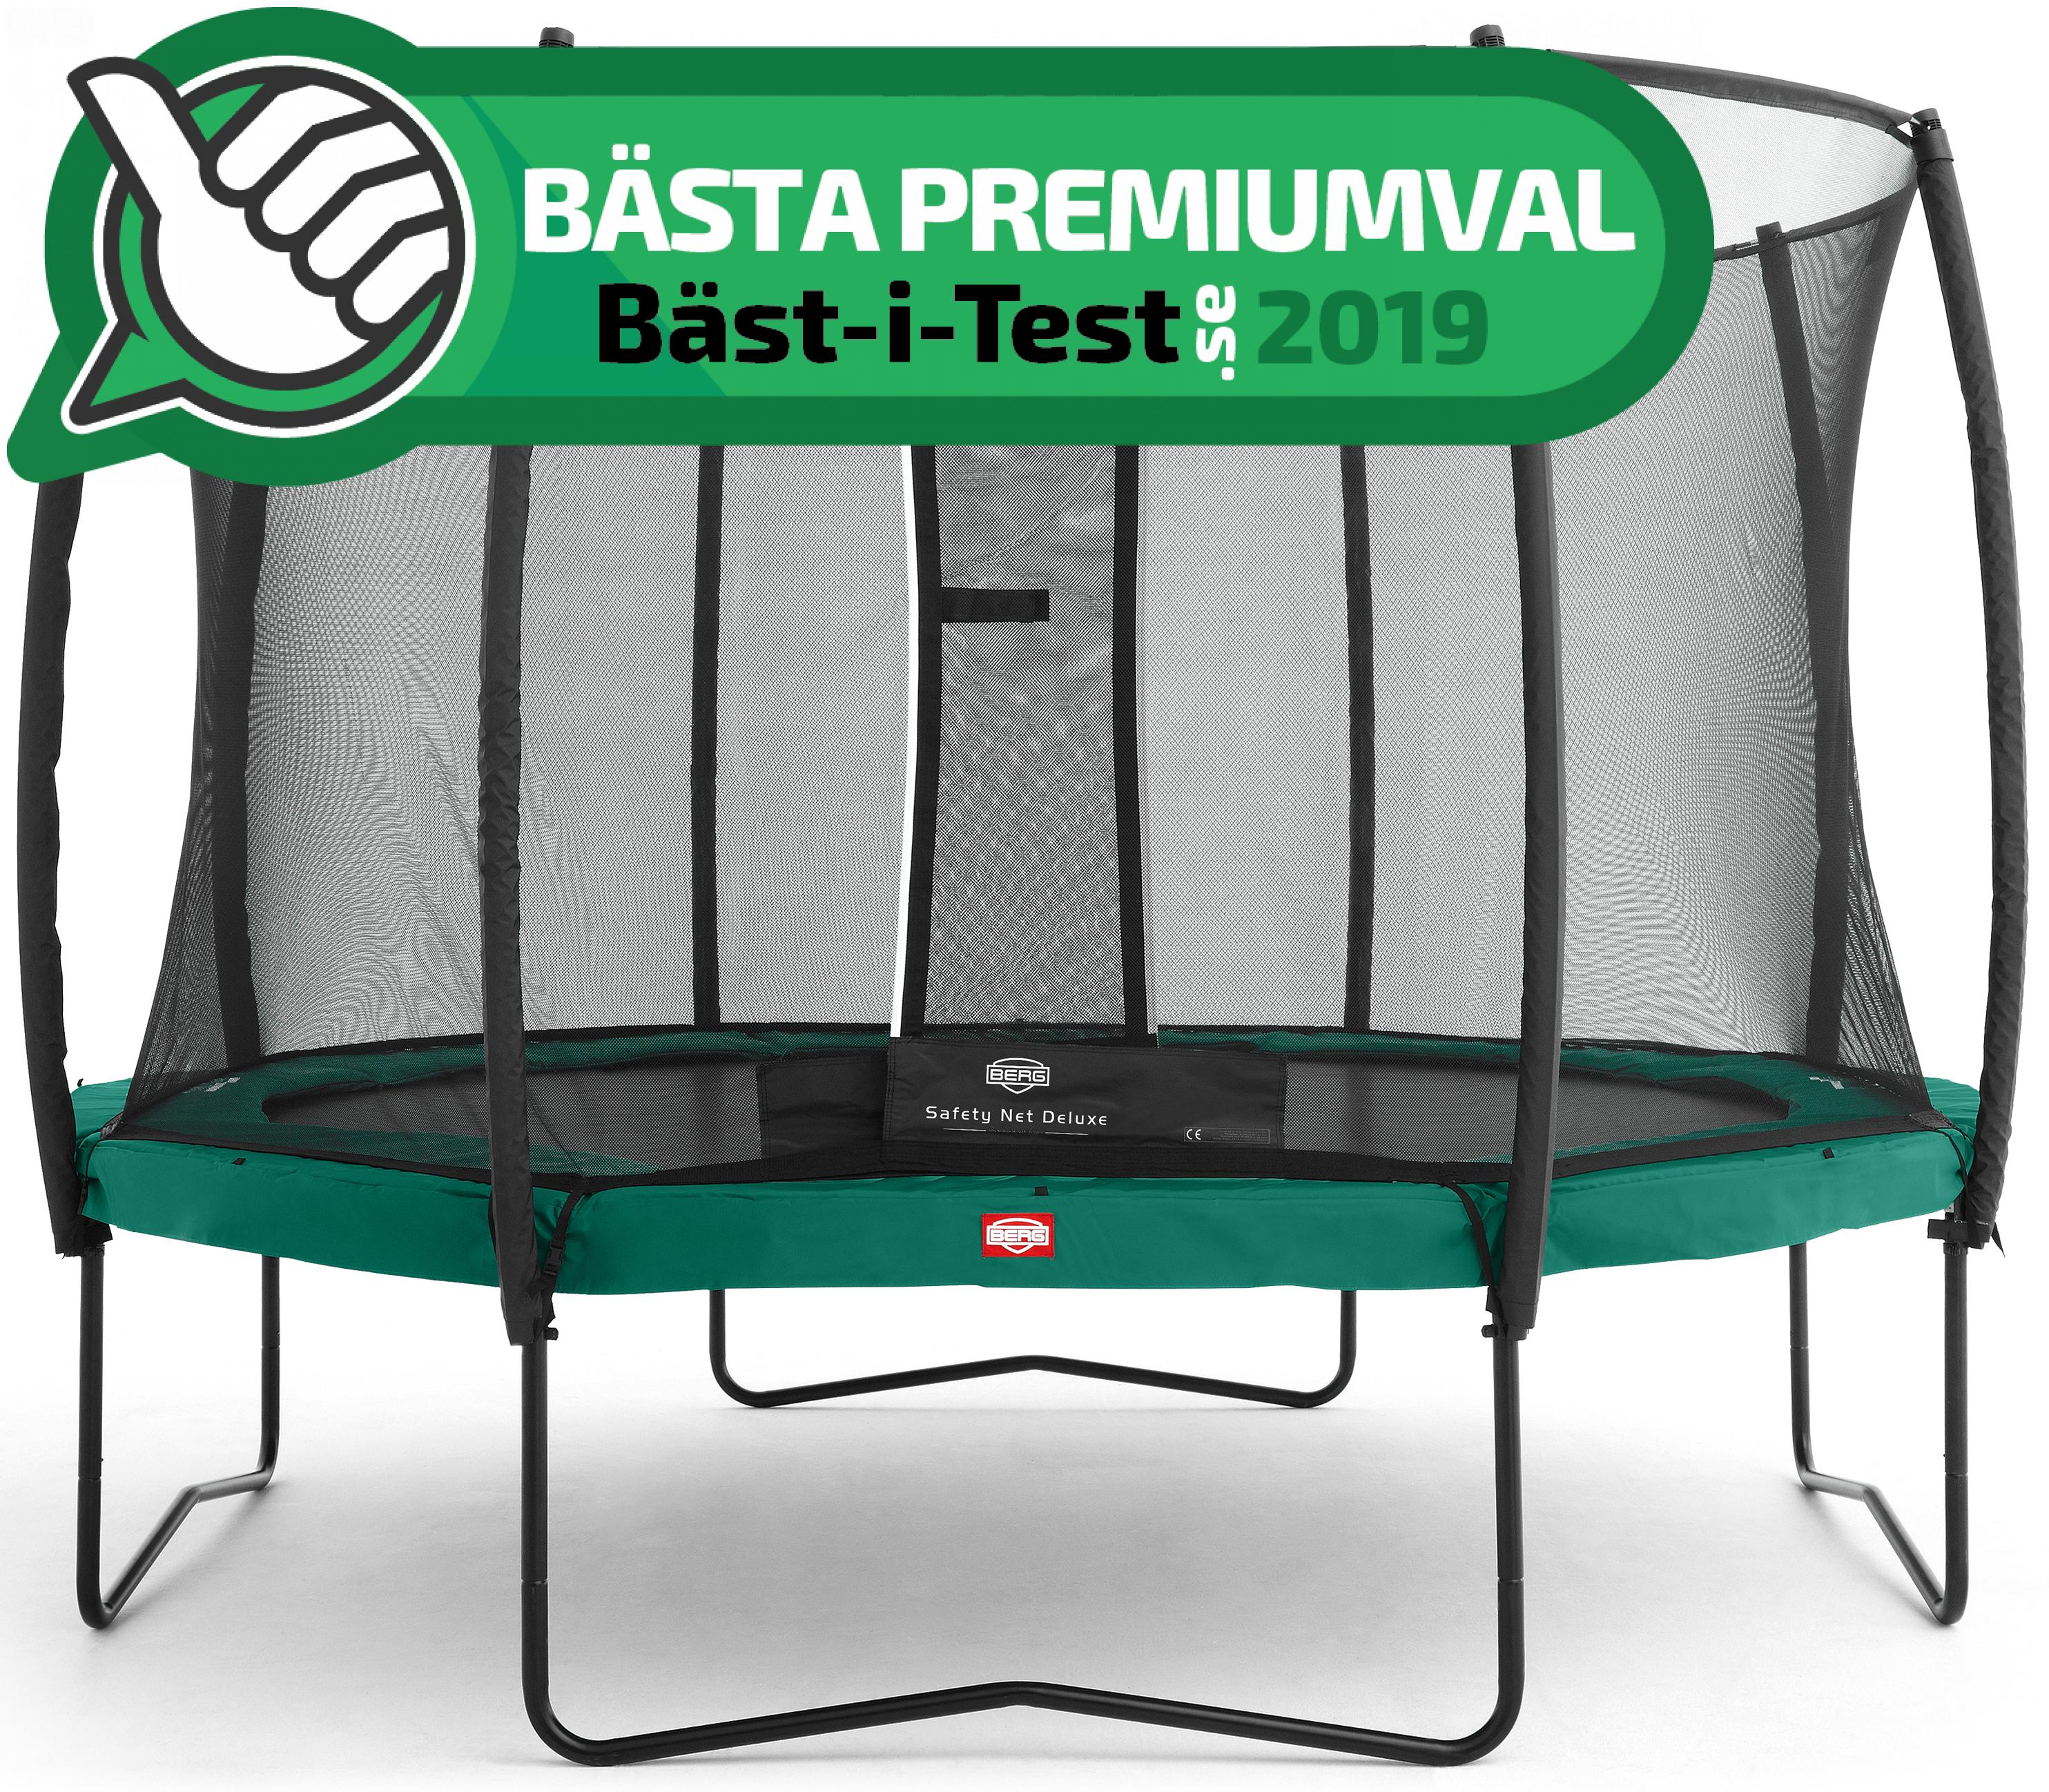 Underbar Studsmatta: 8 modeller i test (2019) - Experternas betyg - Bäst-i OW-88